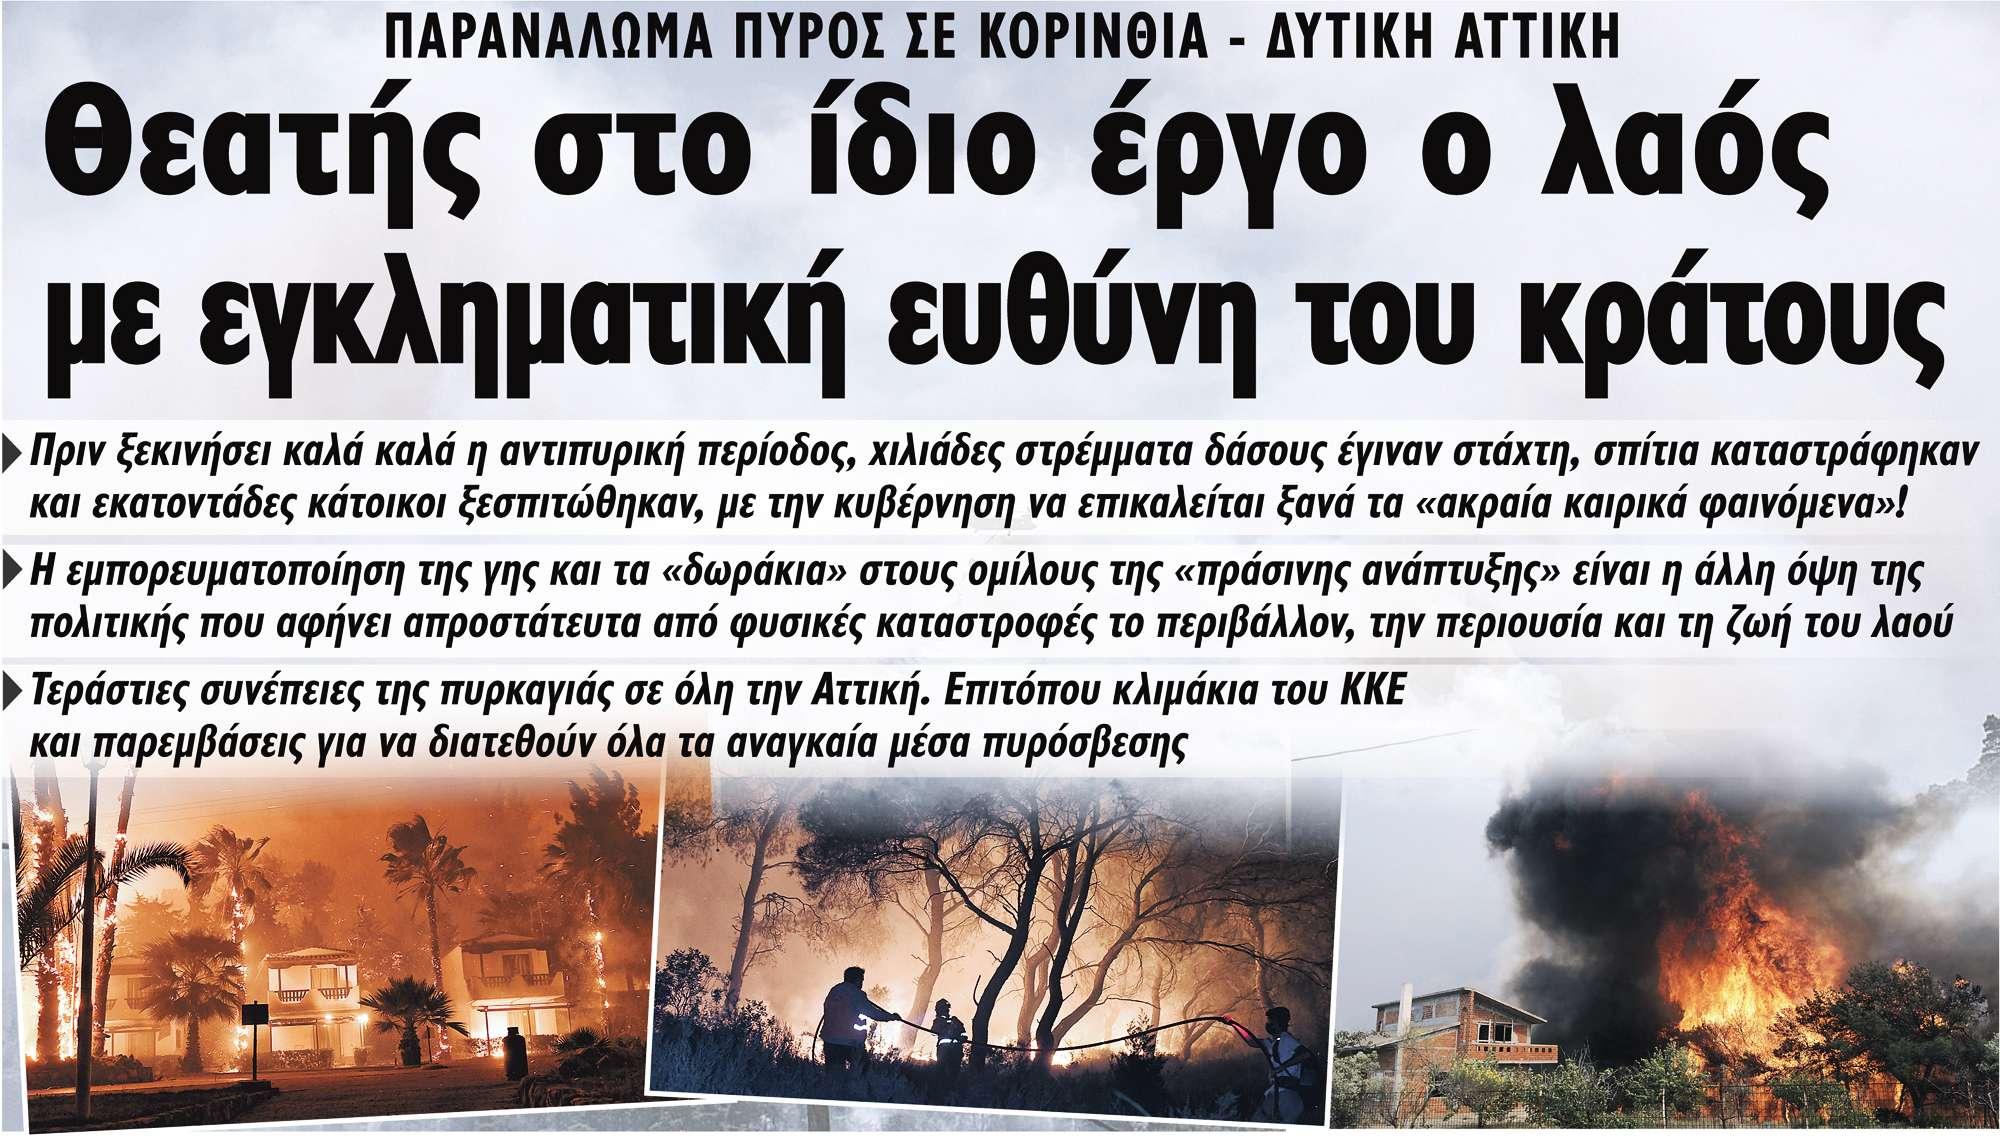 Σχίνος purkagia εγκληματική ευθύνη του κράτους